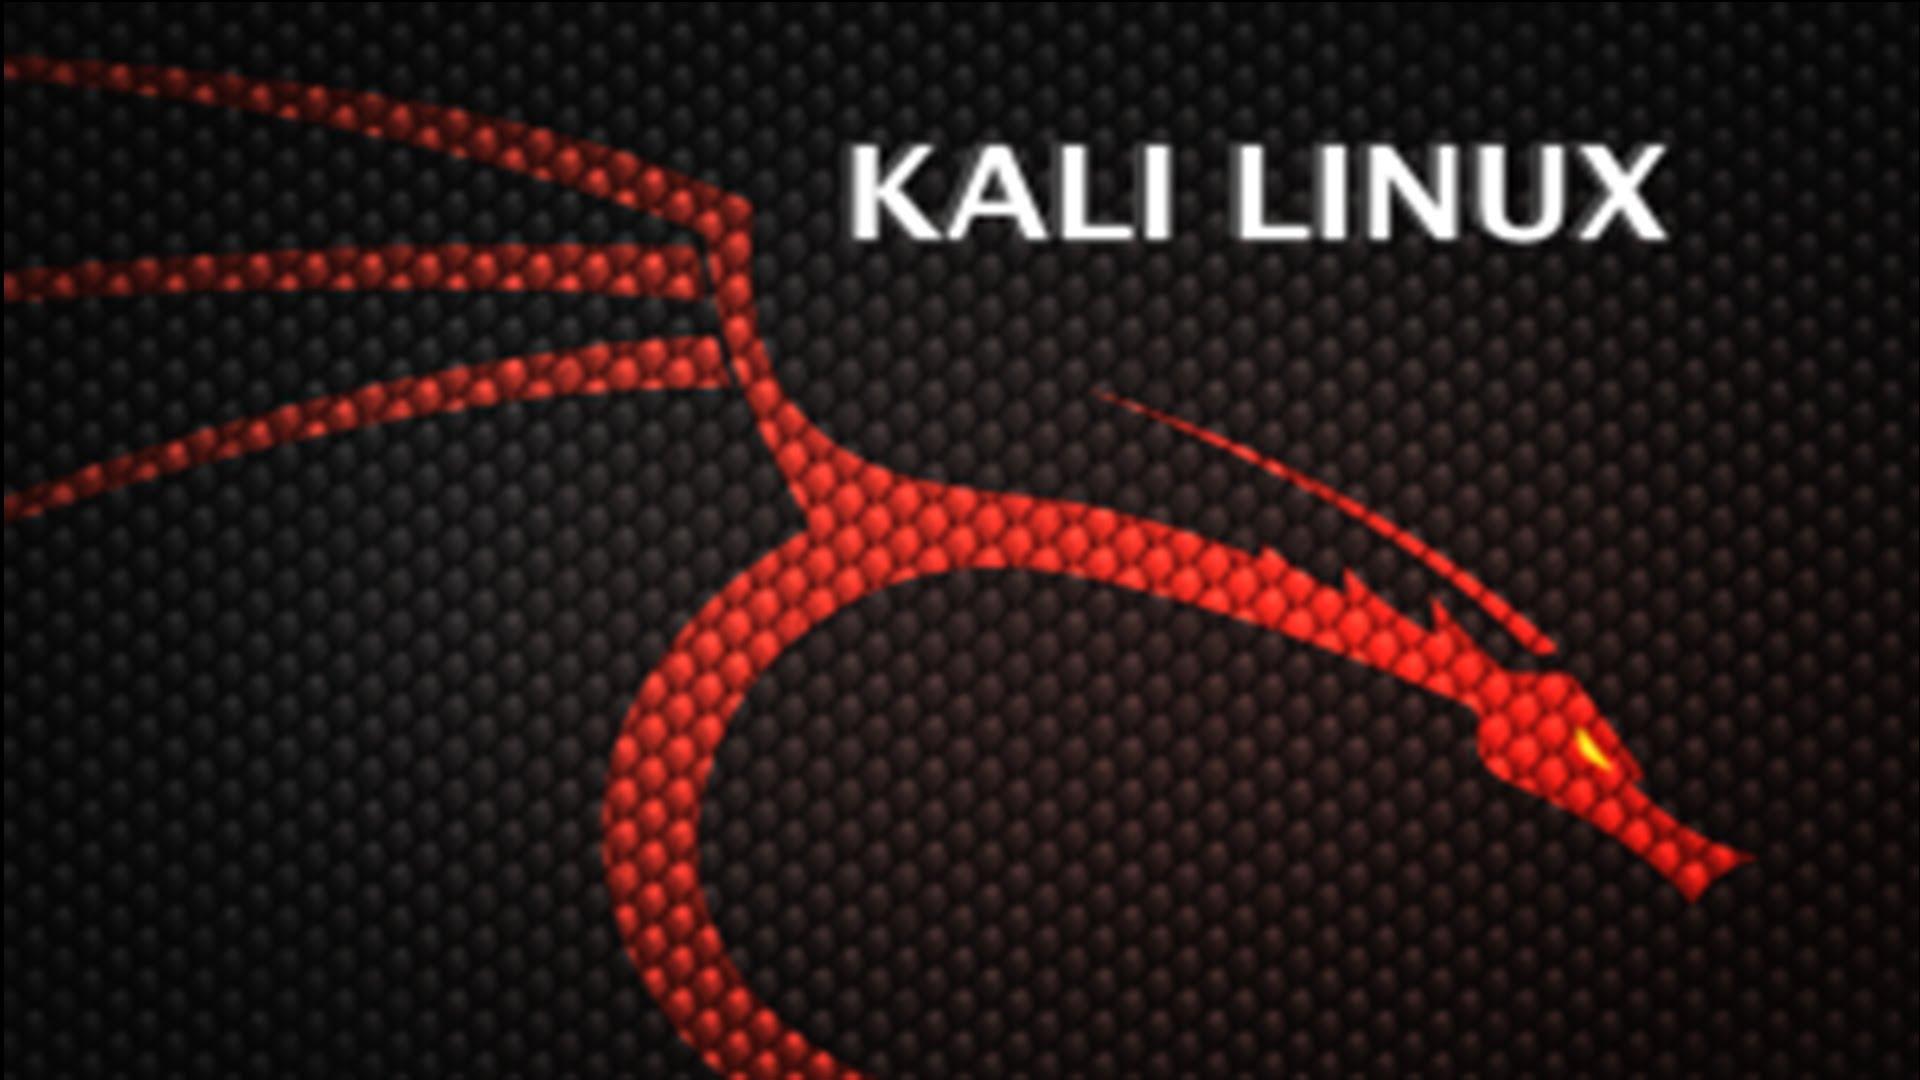 Partagez les images de wallpaper kali linux avec vos amis sur les 1920x1080